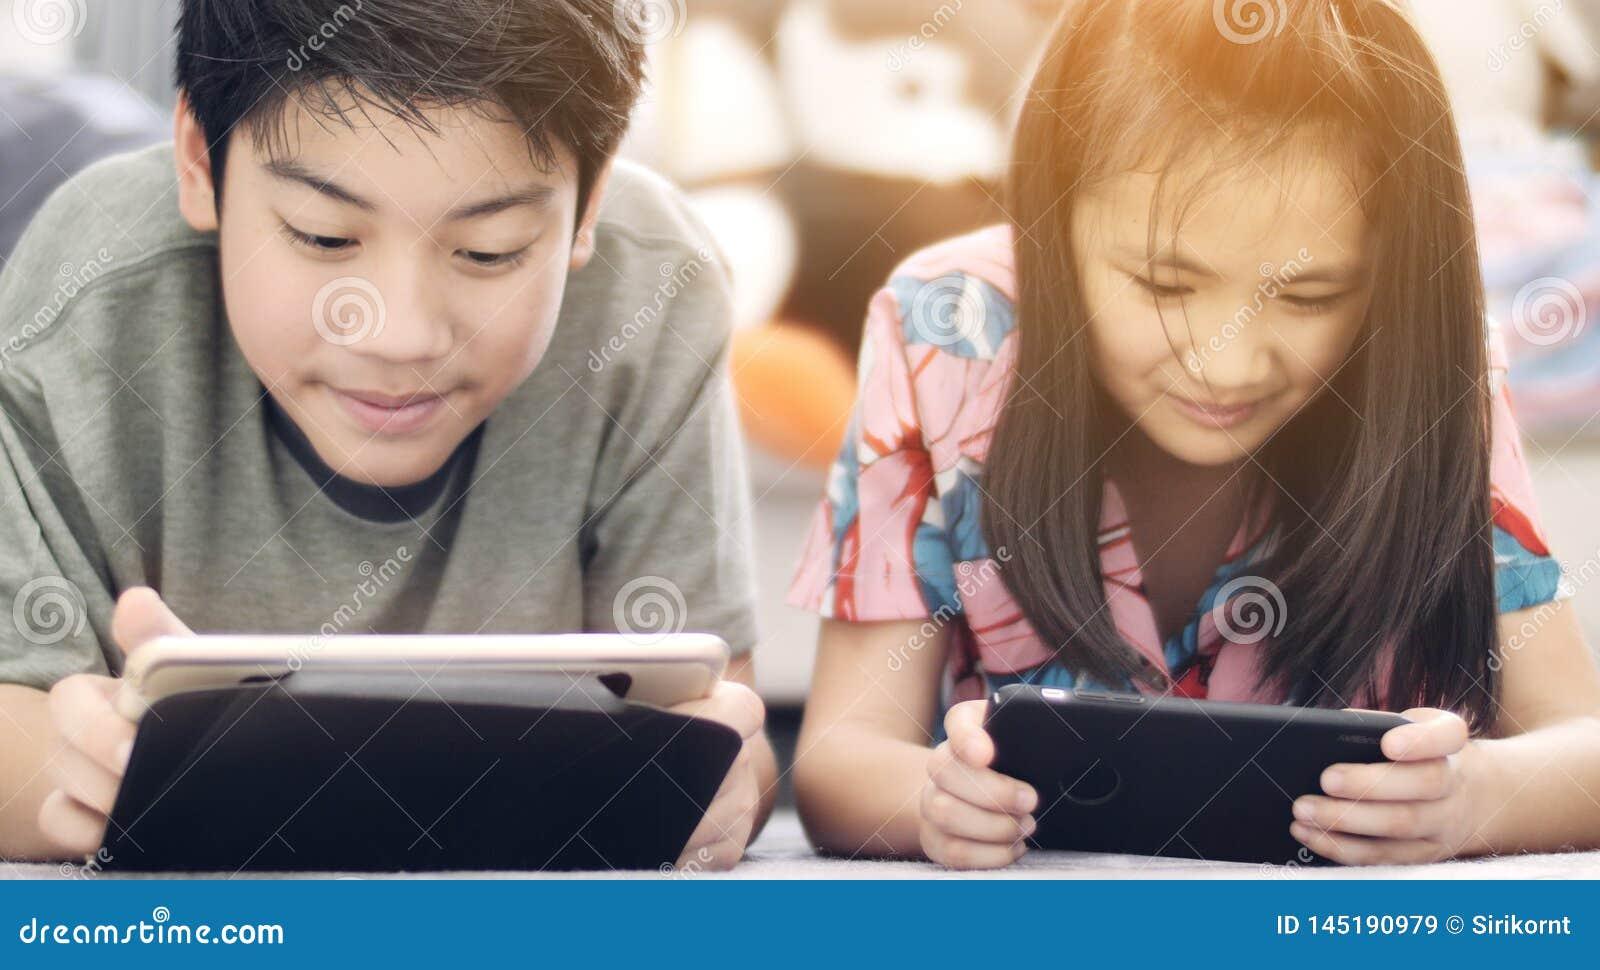 Garçon asiatique et fille jouant le jeu au téléphone portable ainsi que le visage de sourire